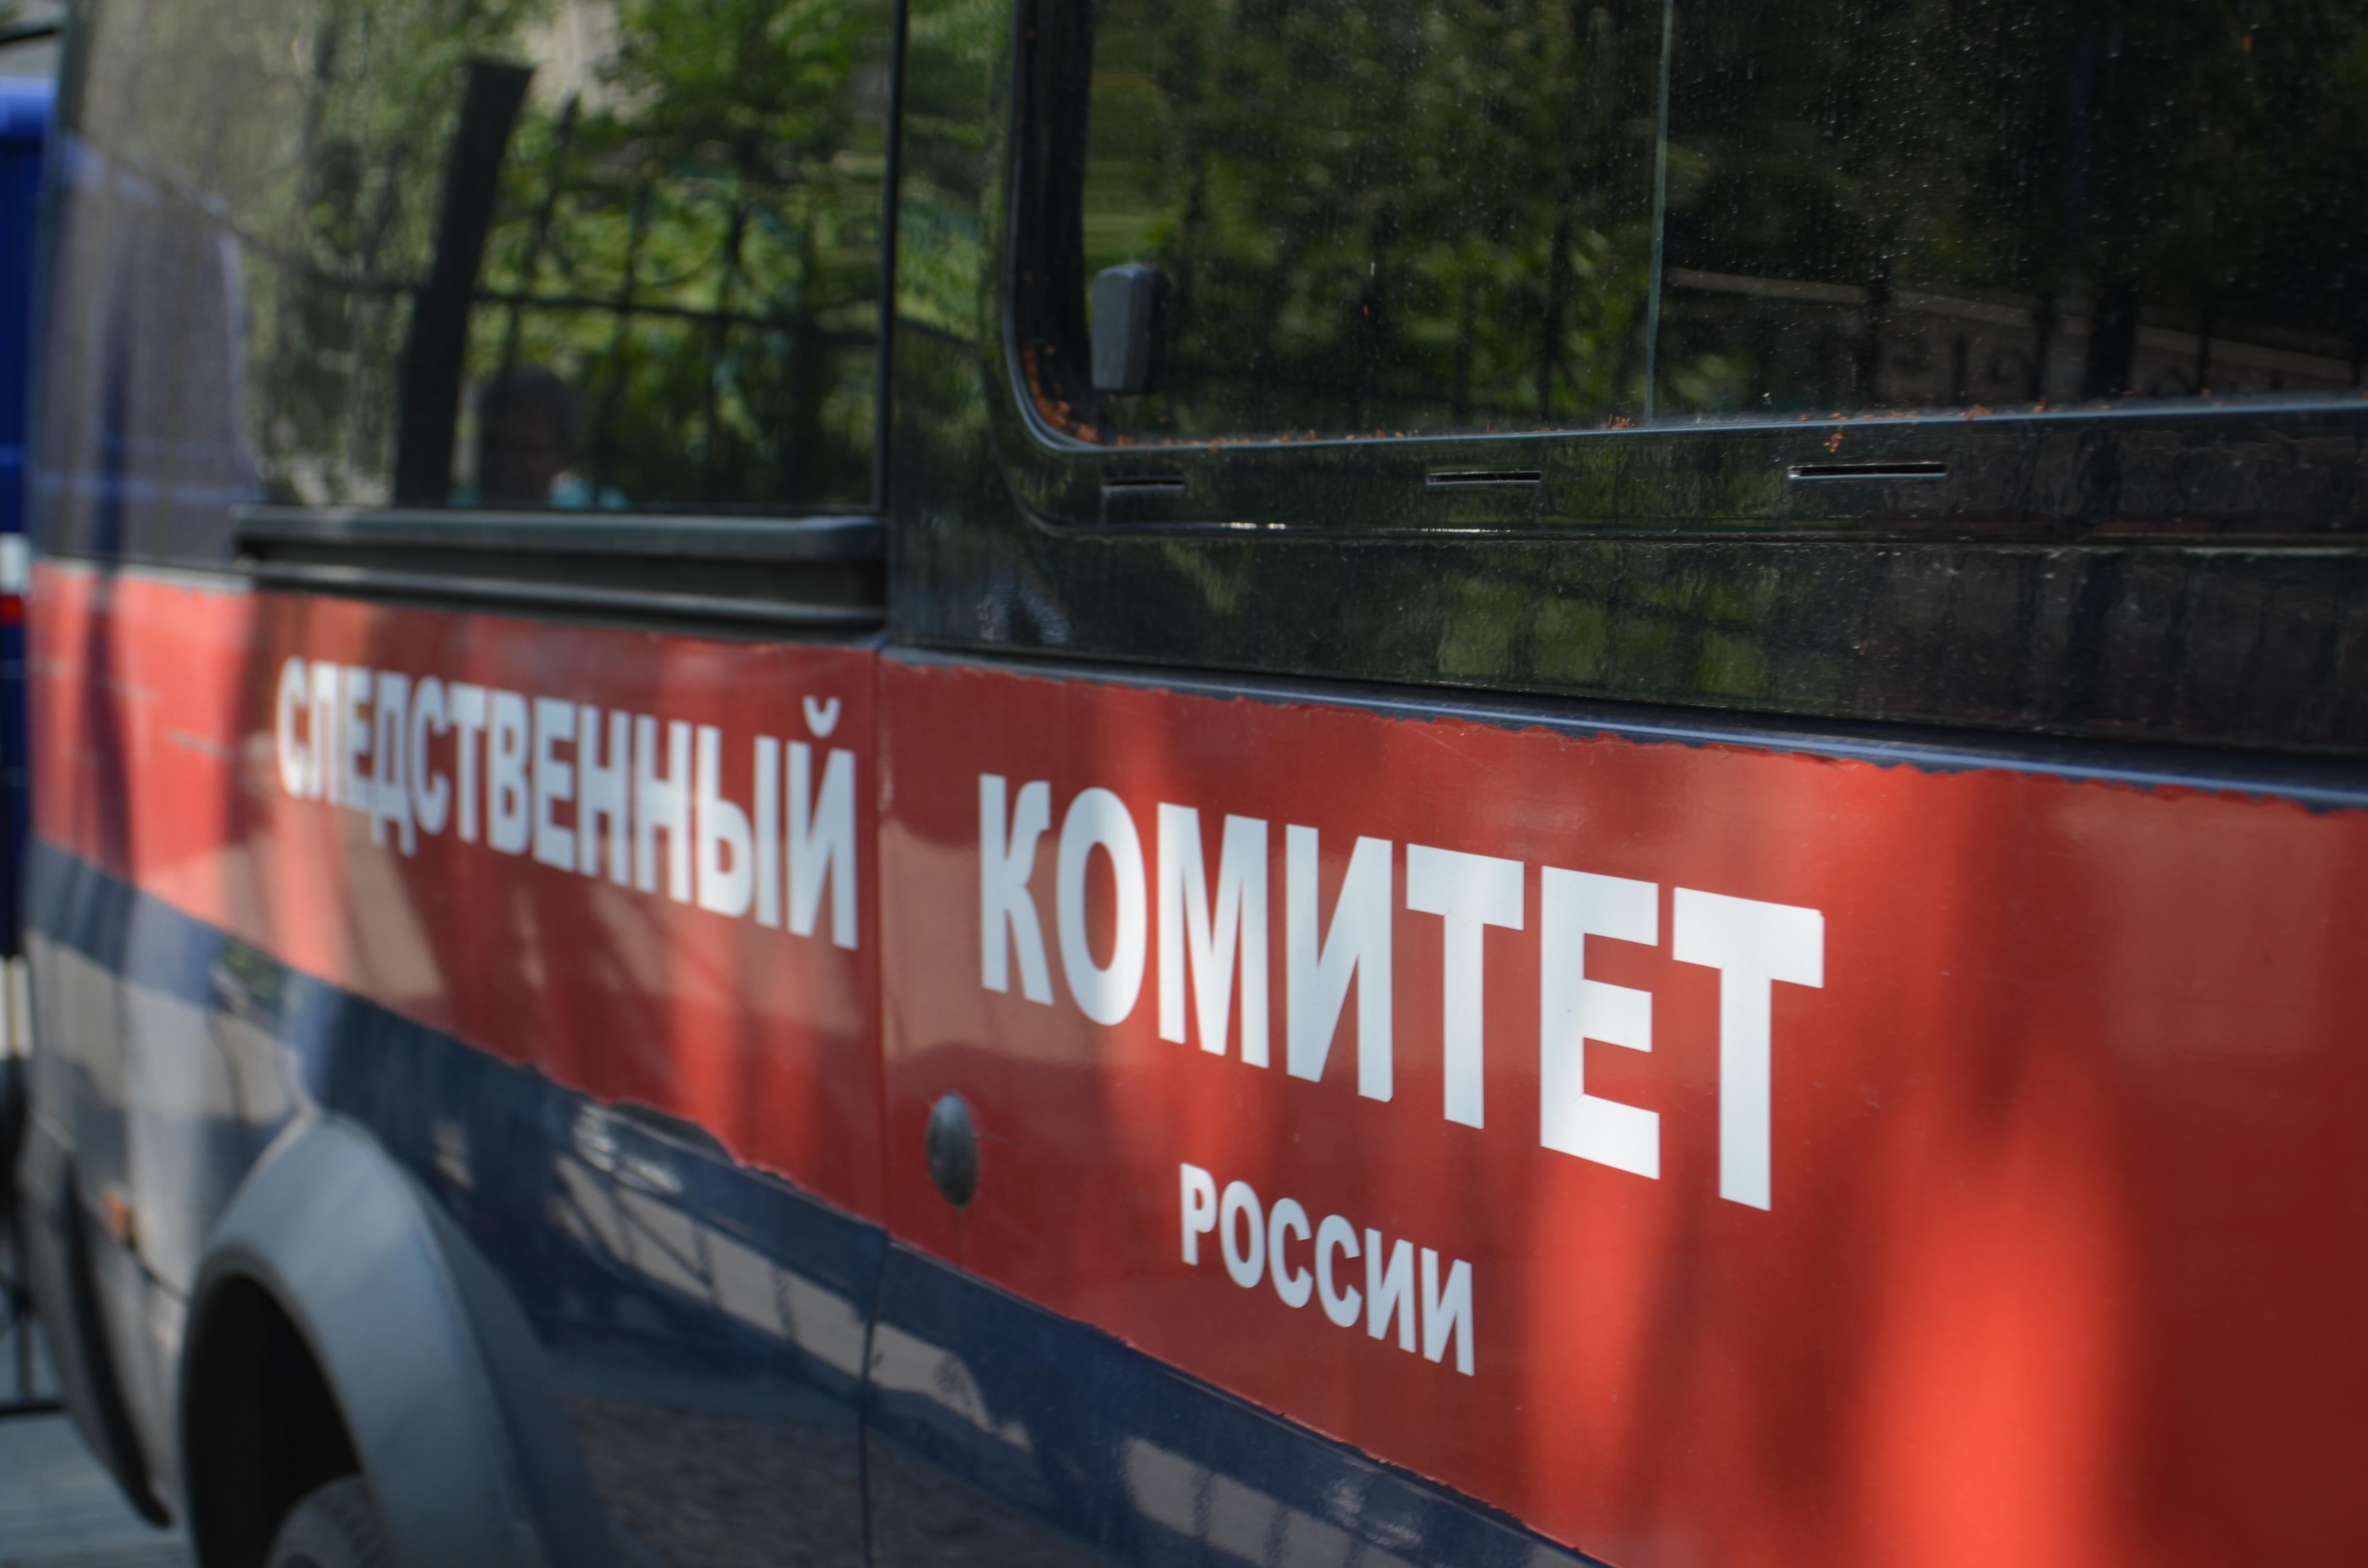 Подозреваемому в убийстве продавца магазина «Калинка» грозит до пятнадцати лет лишения свободы.